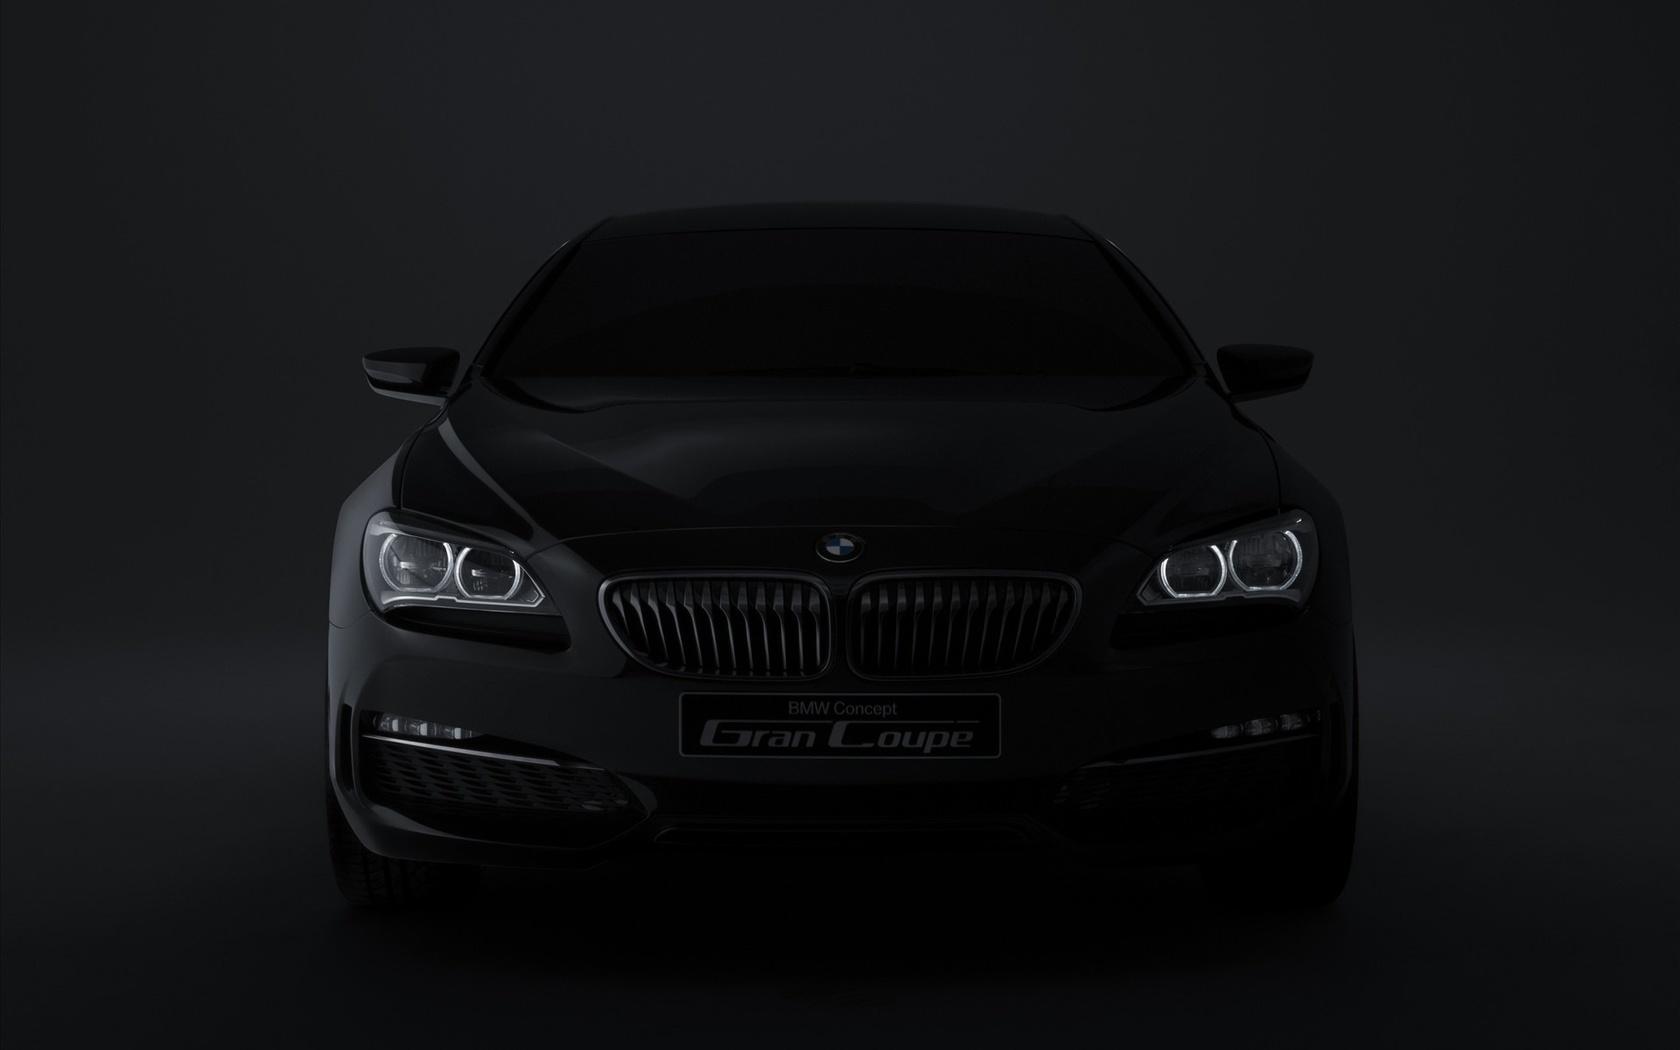 bmw, concept, dark, logo, бмв, машина, темное авто, темнота, фары, фон, легковые авто, транспорт, автотранспорт